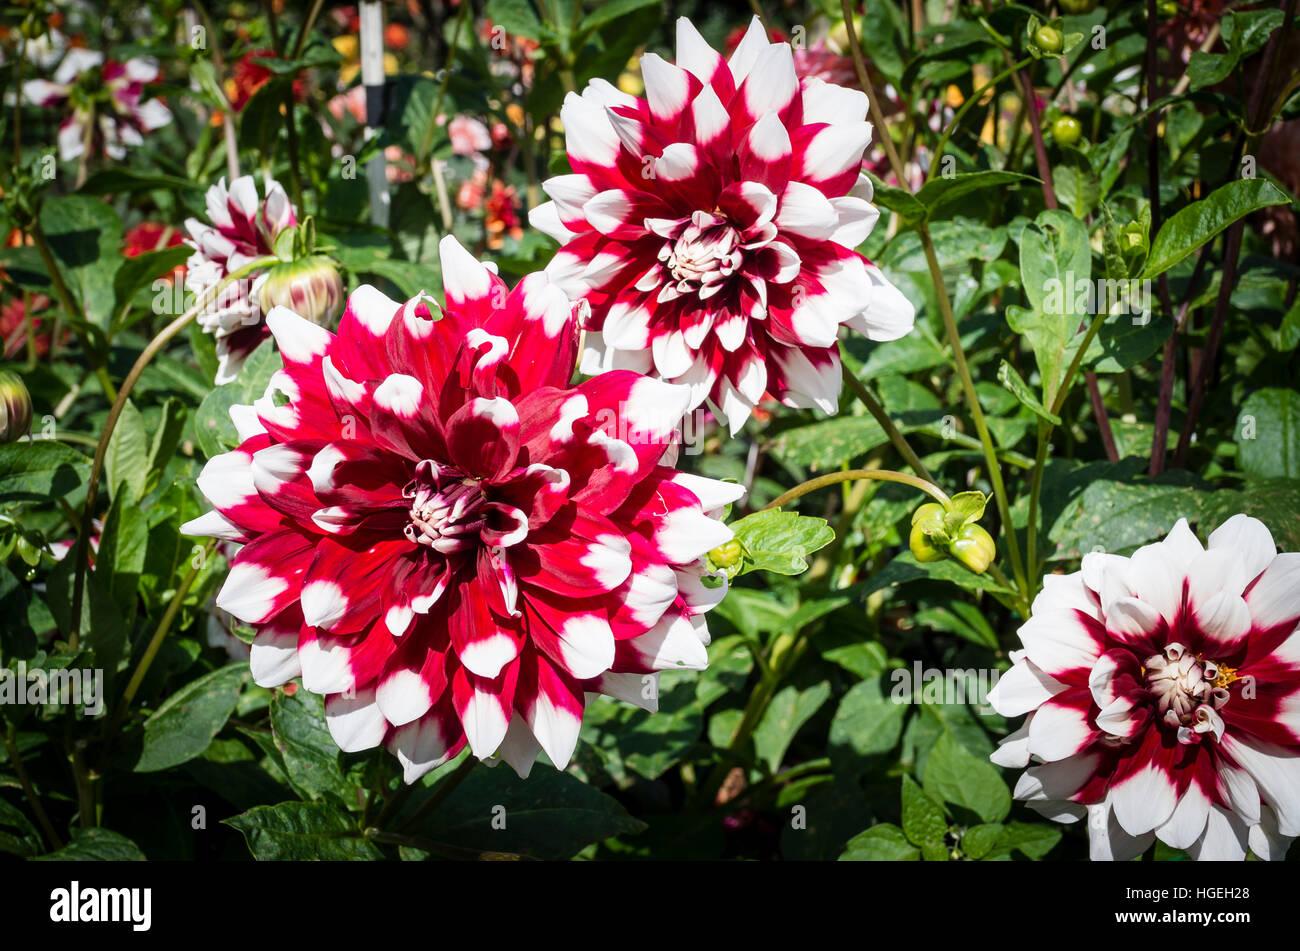 Dahlia Duet flowering in September in the UK - Stock Image